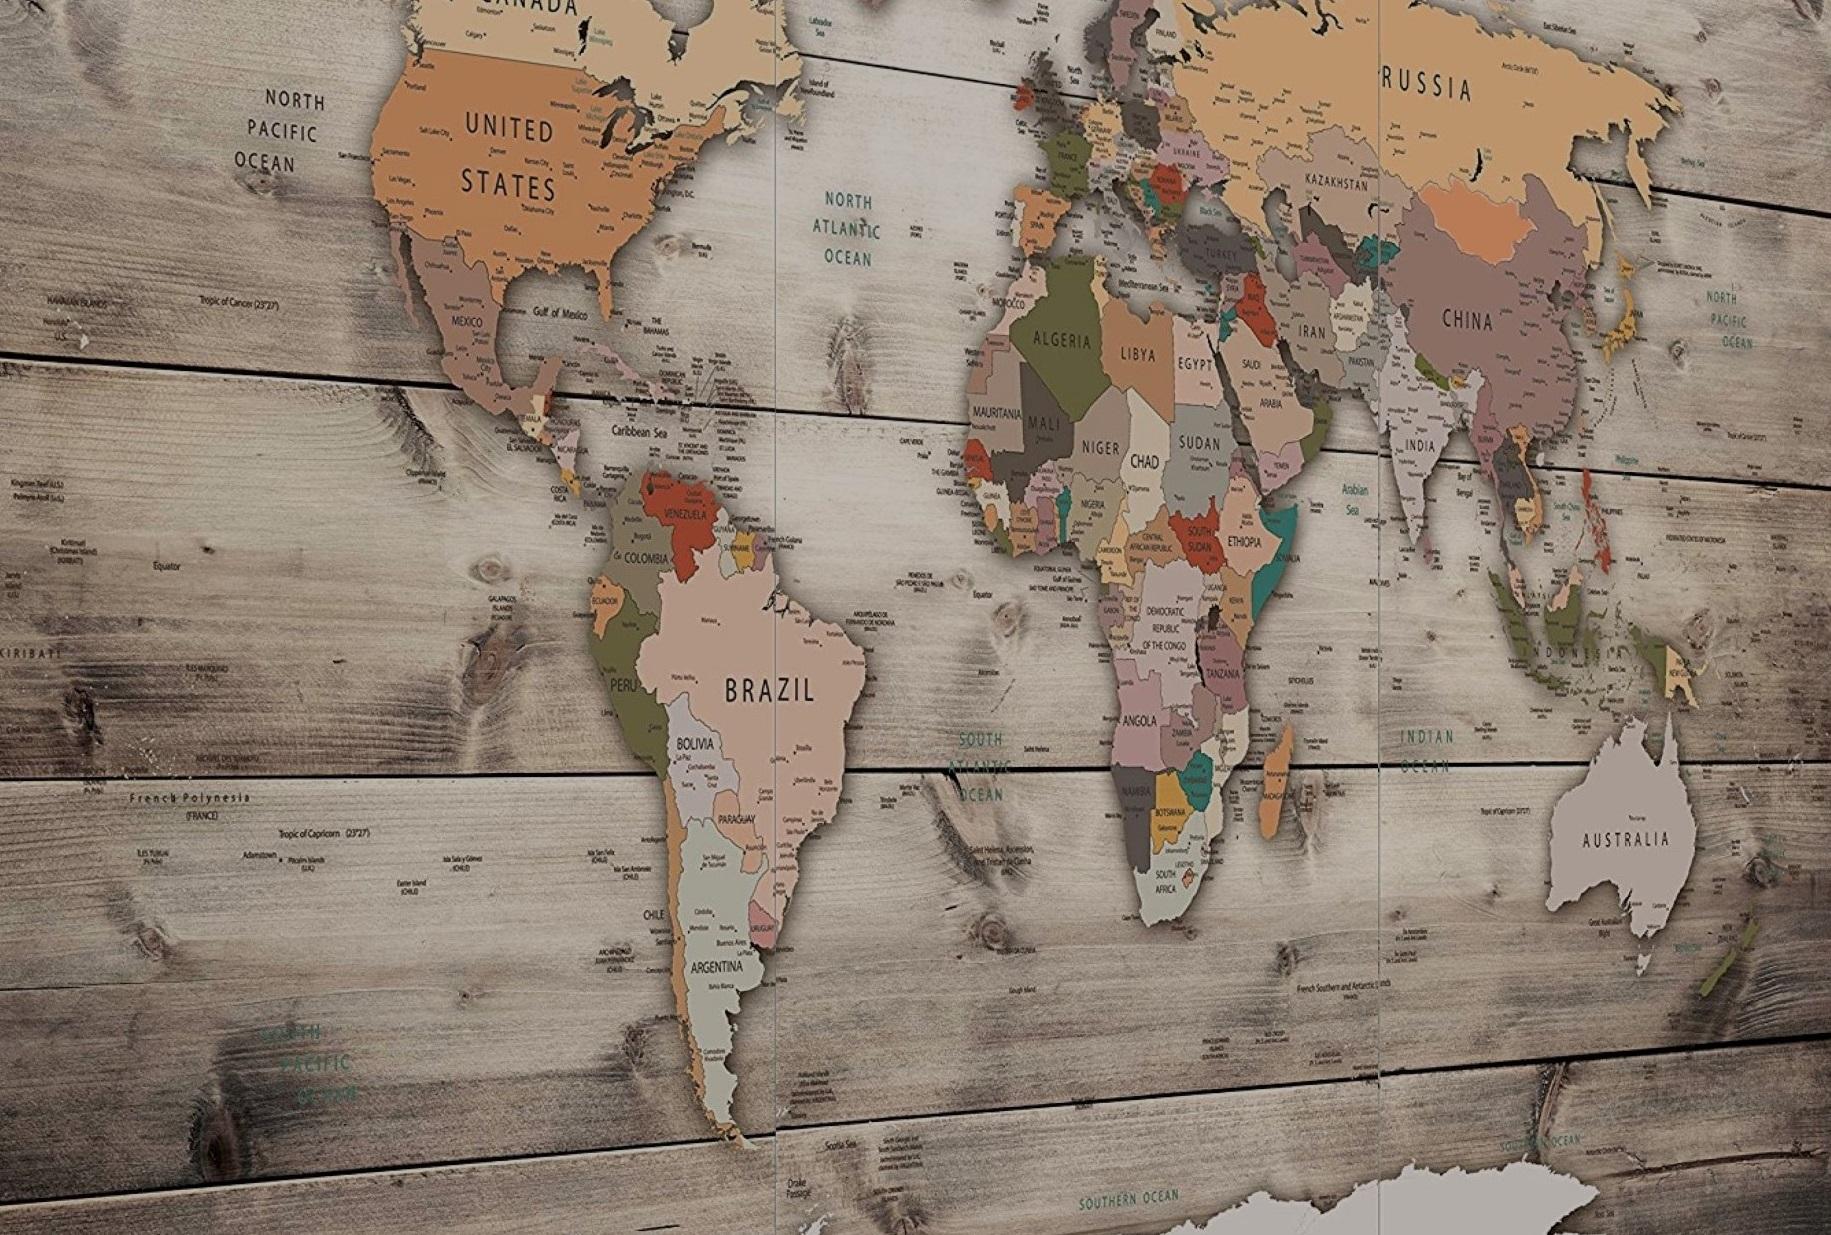 Croisière tour du monde fond de carte antique